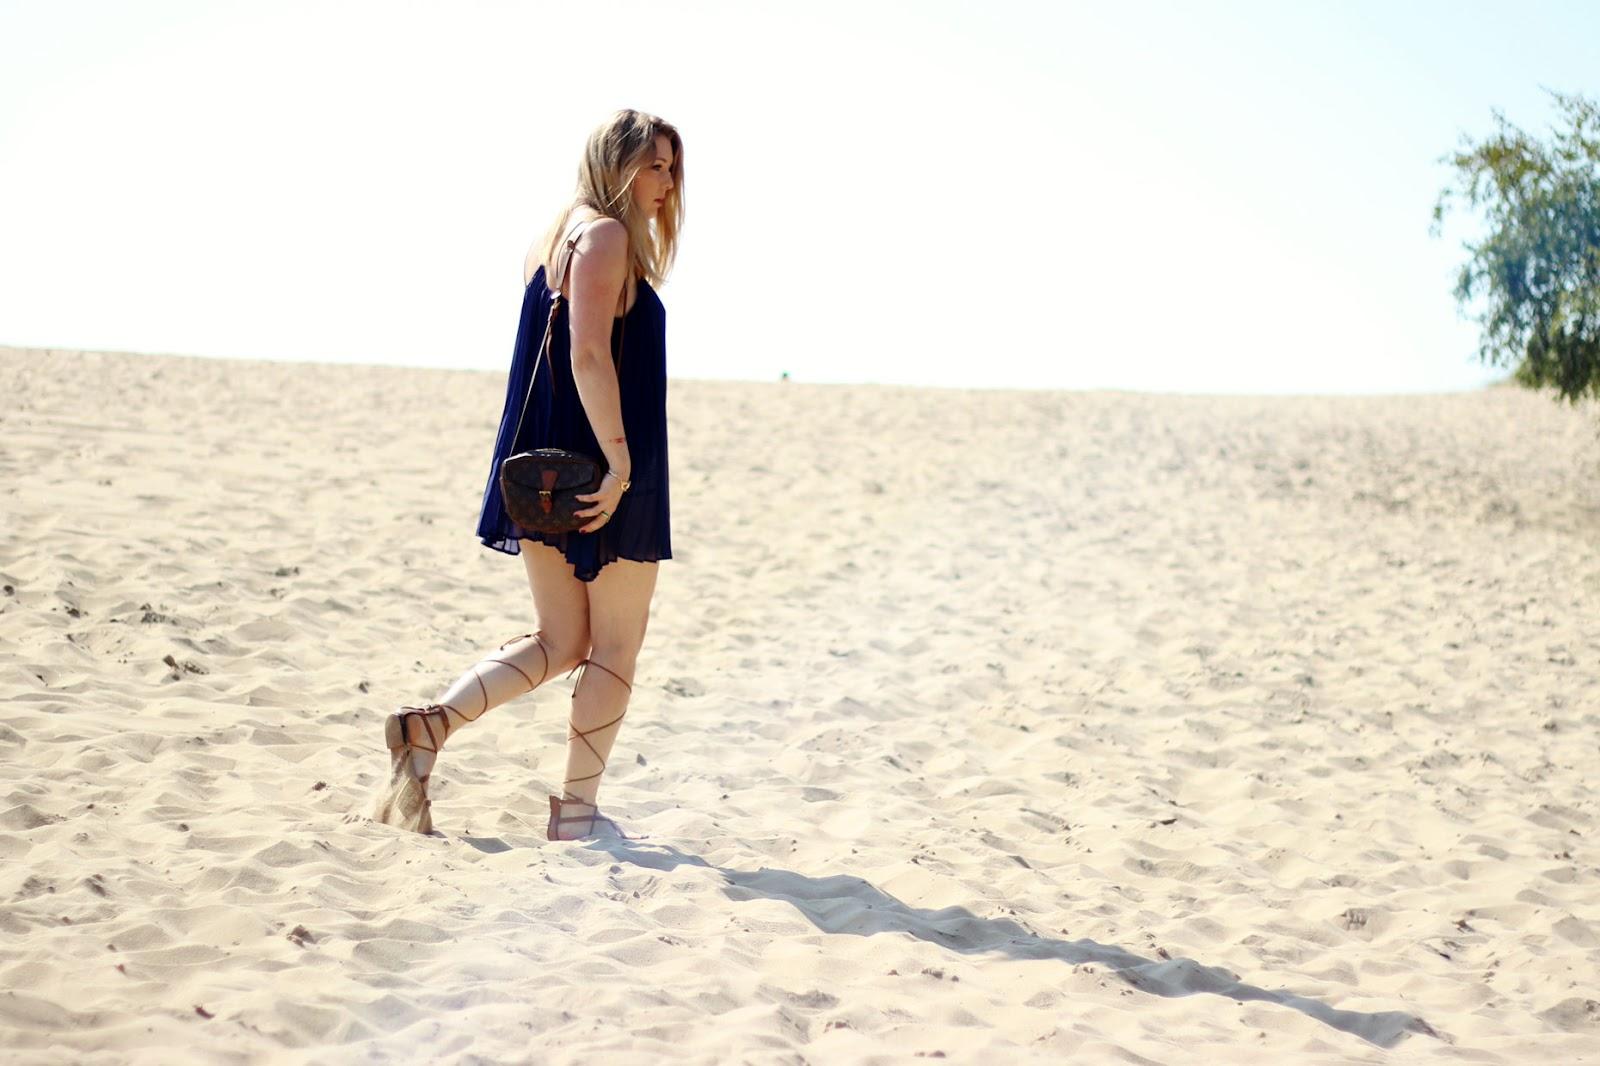 Louis Vuitton, Bag, Tasche, vintage, Strand, Plisseekleid, Schnürsandalen, Römersandalen, Lace sandals, Dünen